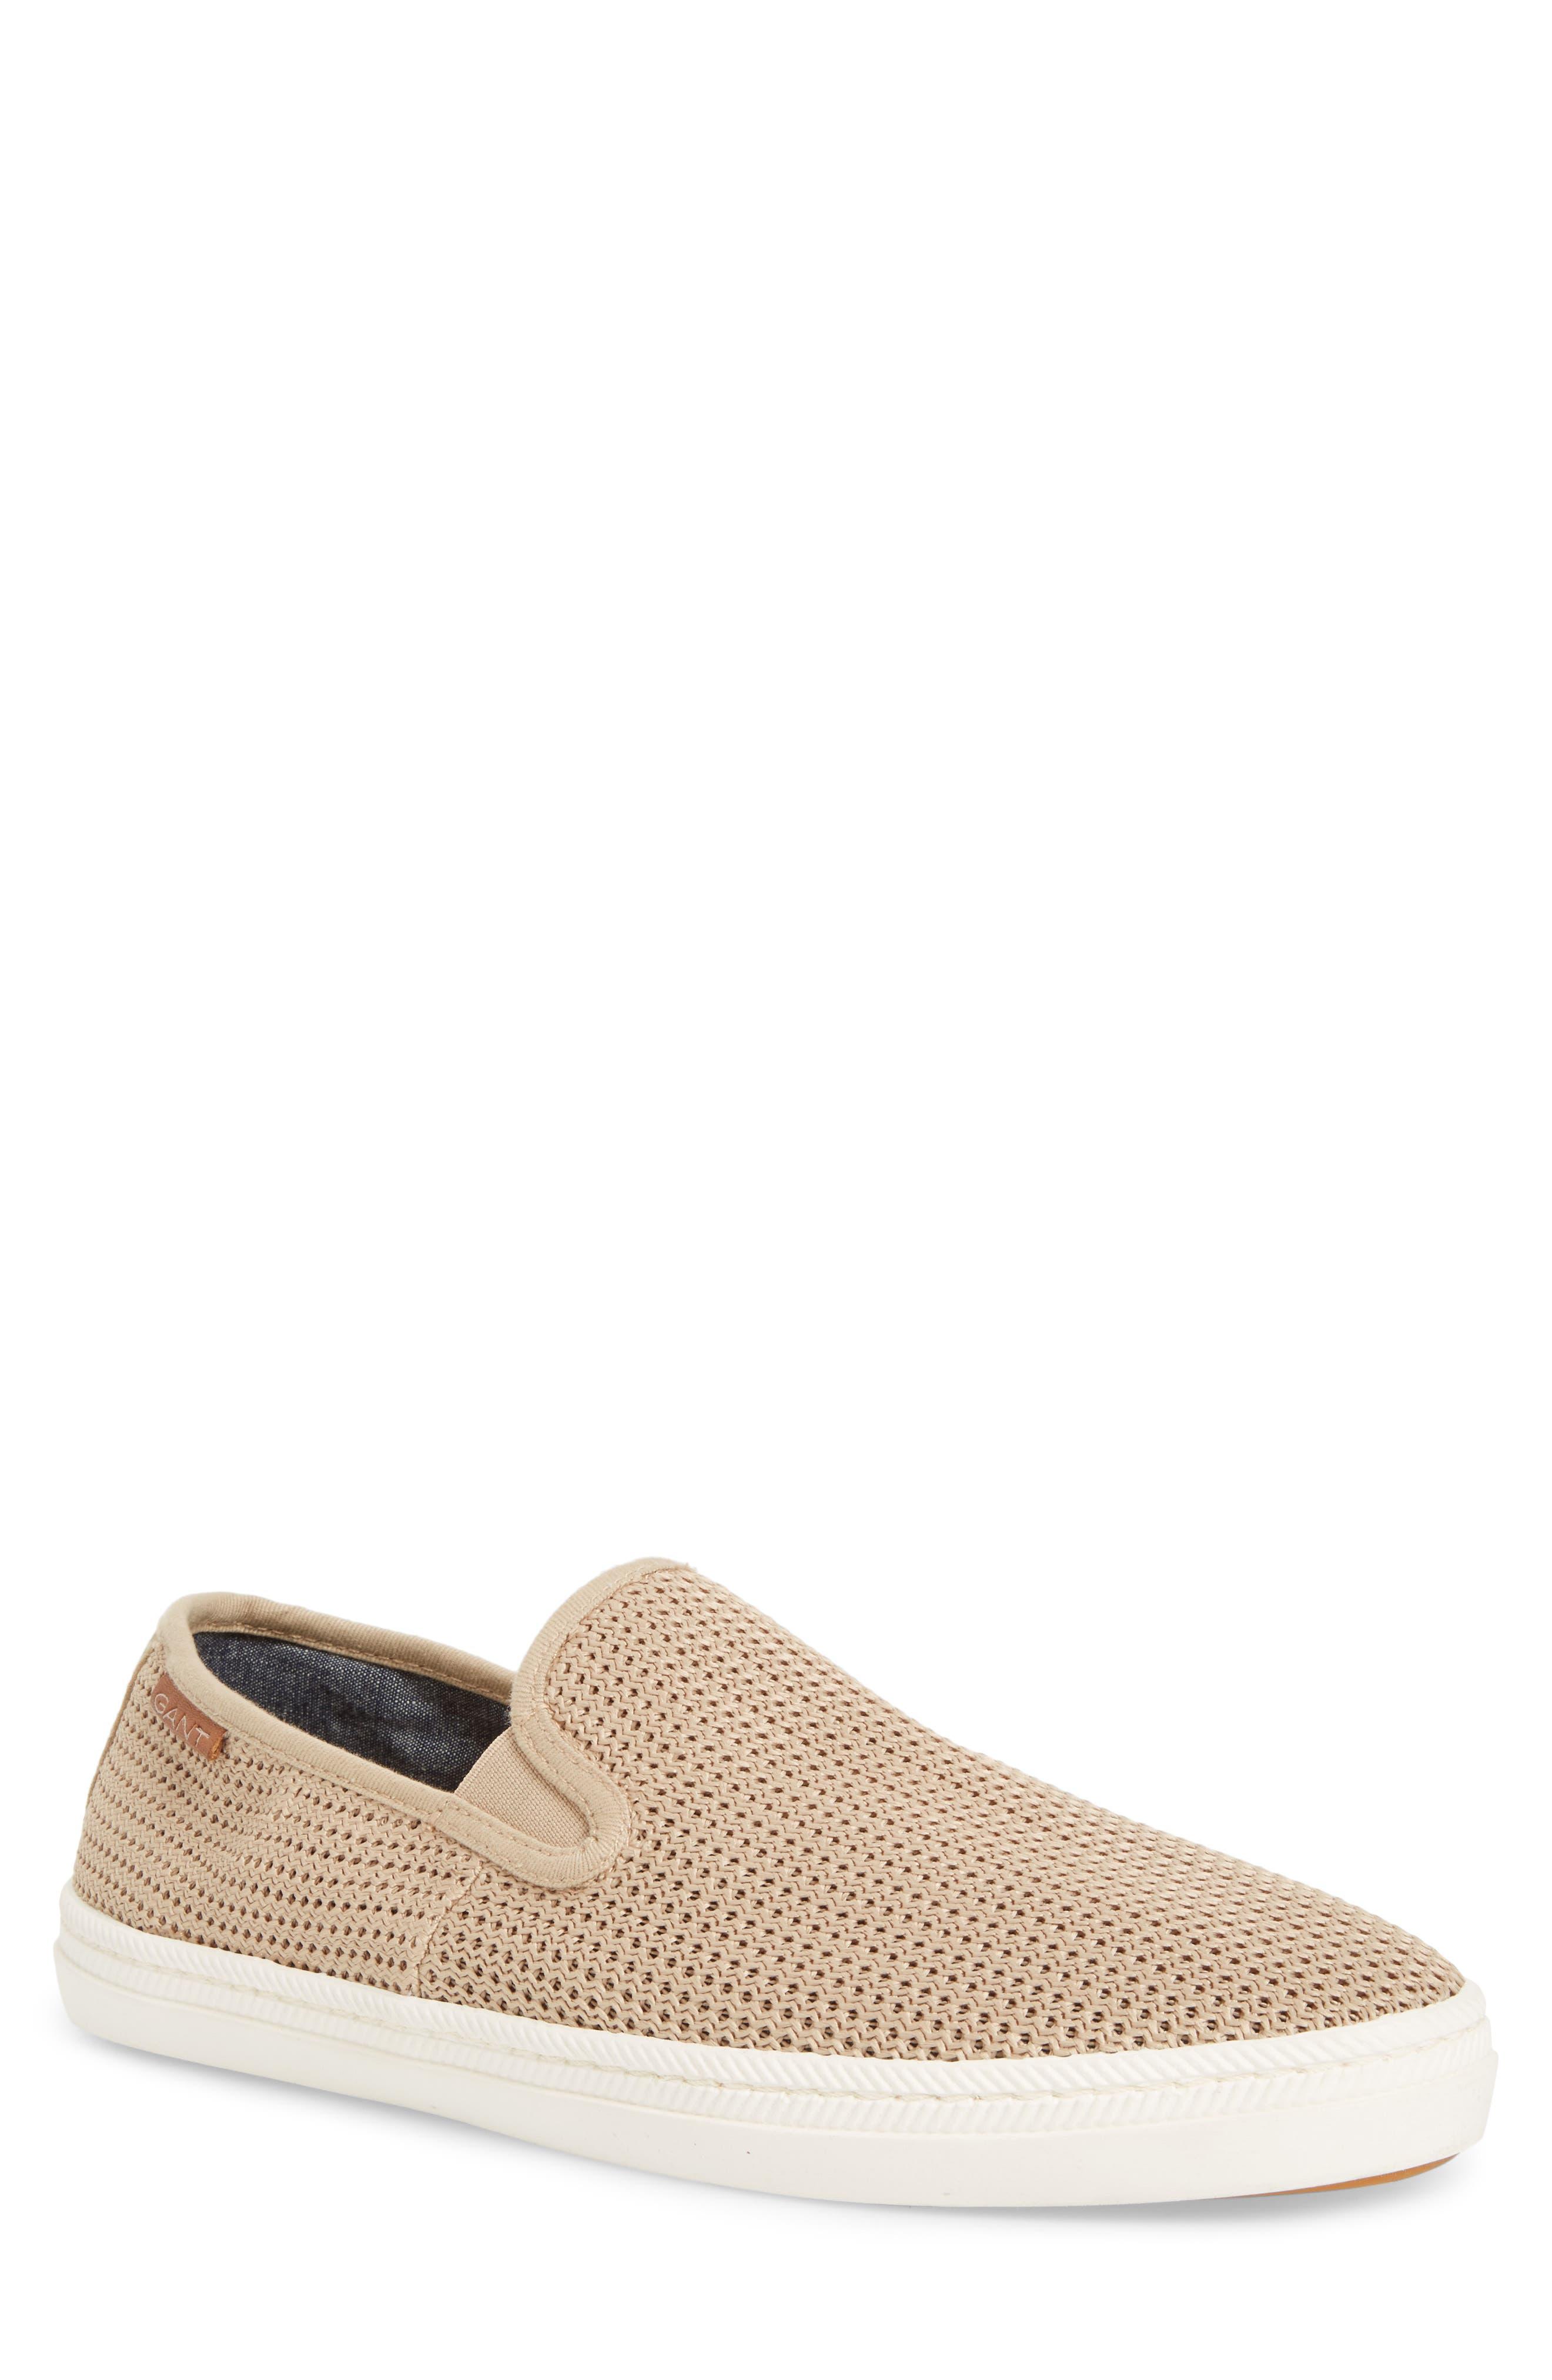 Viktor Woven Slip-On Sneaker,                         Main,                         color, 277